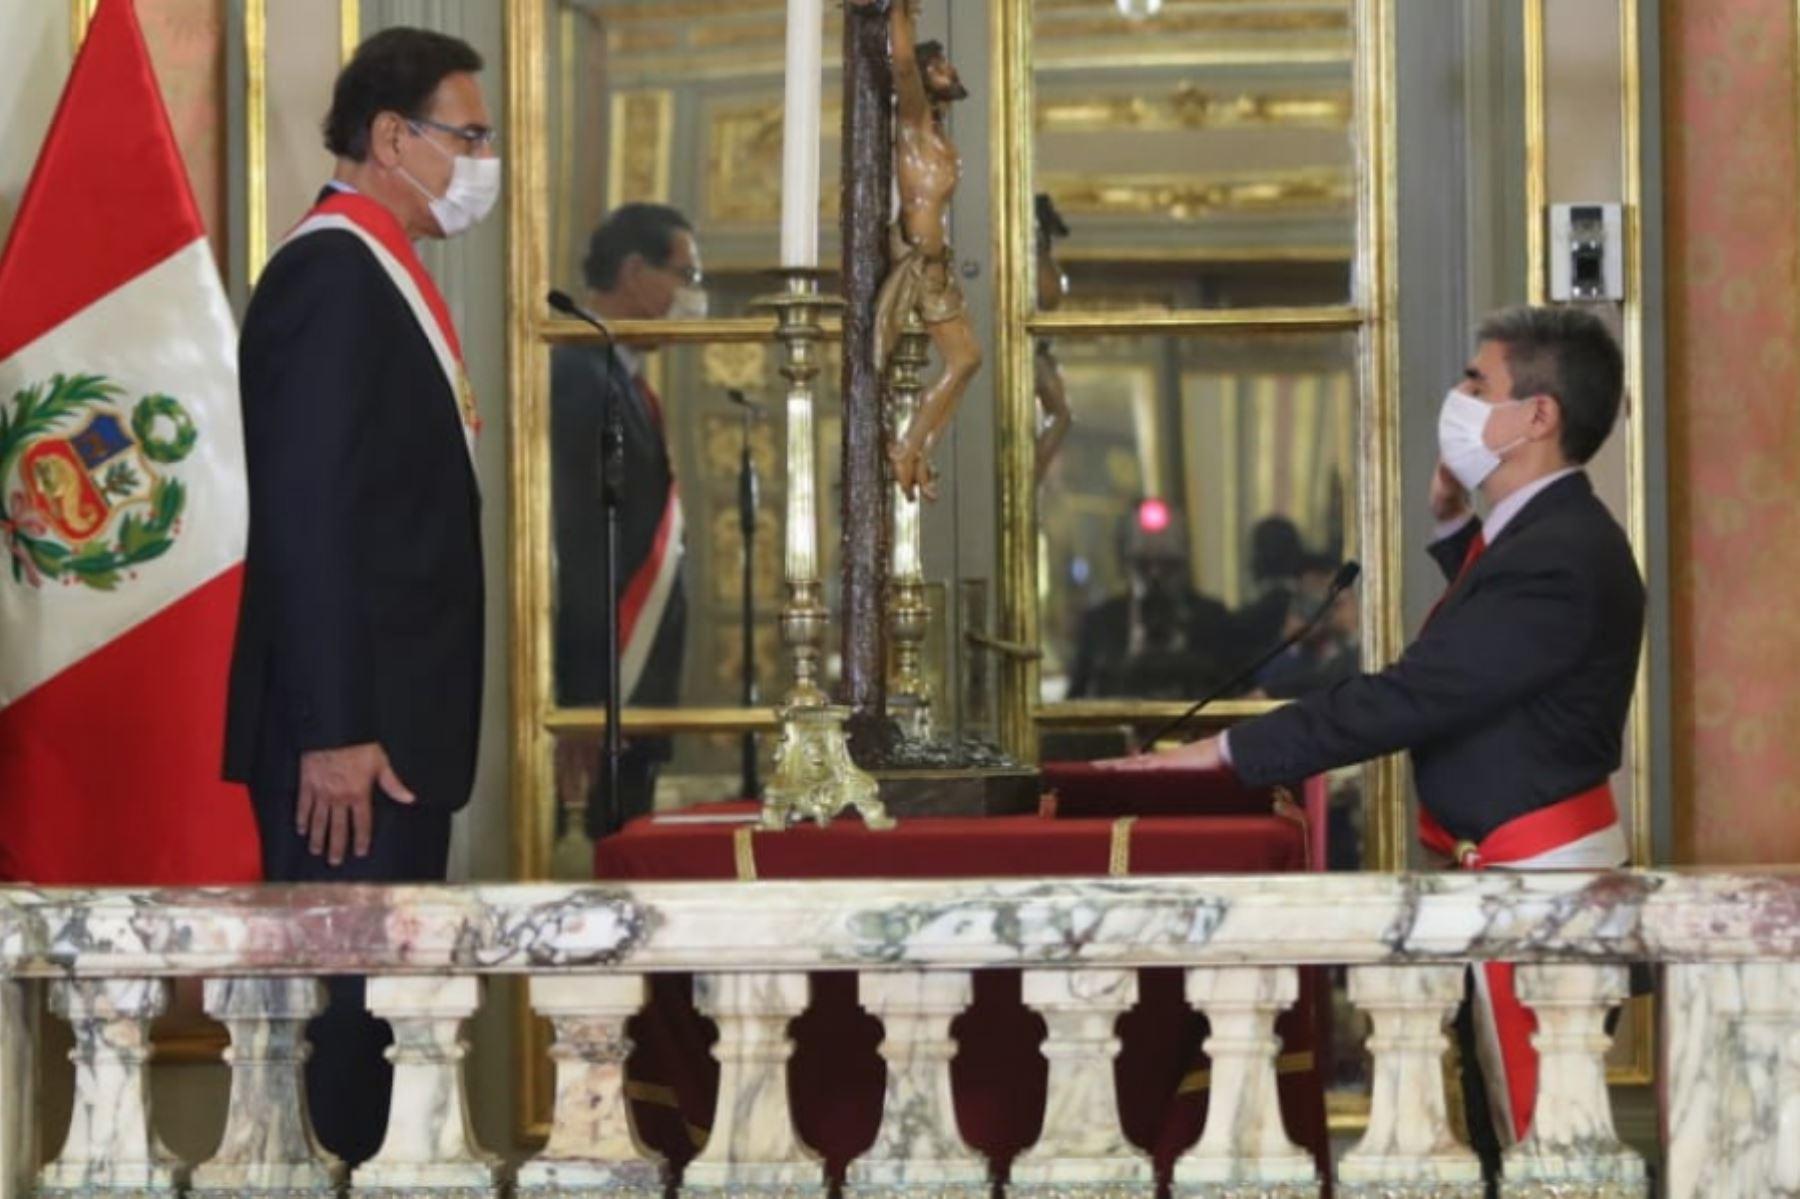 El presidente de la República, Martín Vizcarra, toma juramento a Alejandro Neyra como ministro de Cultura.  Foto: ANDINA/ Prensa Presidencia